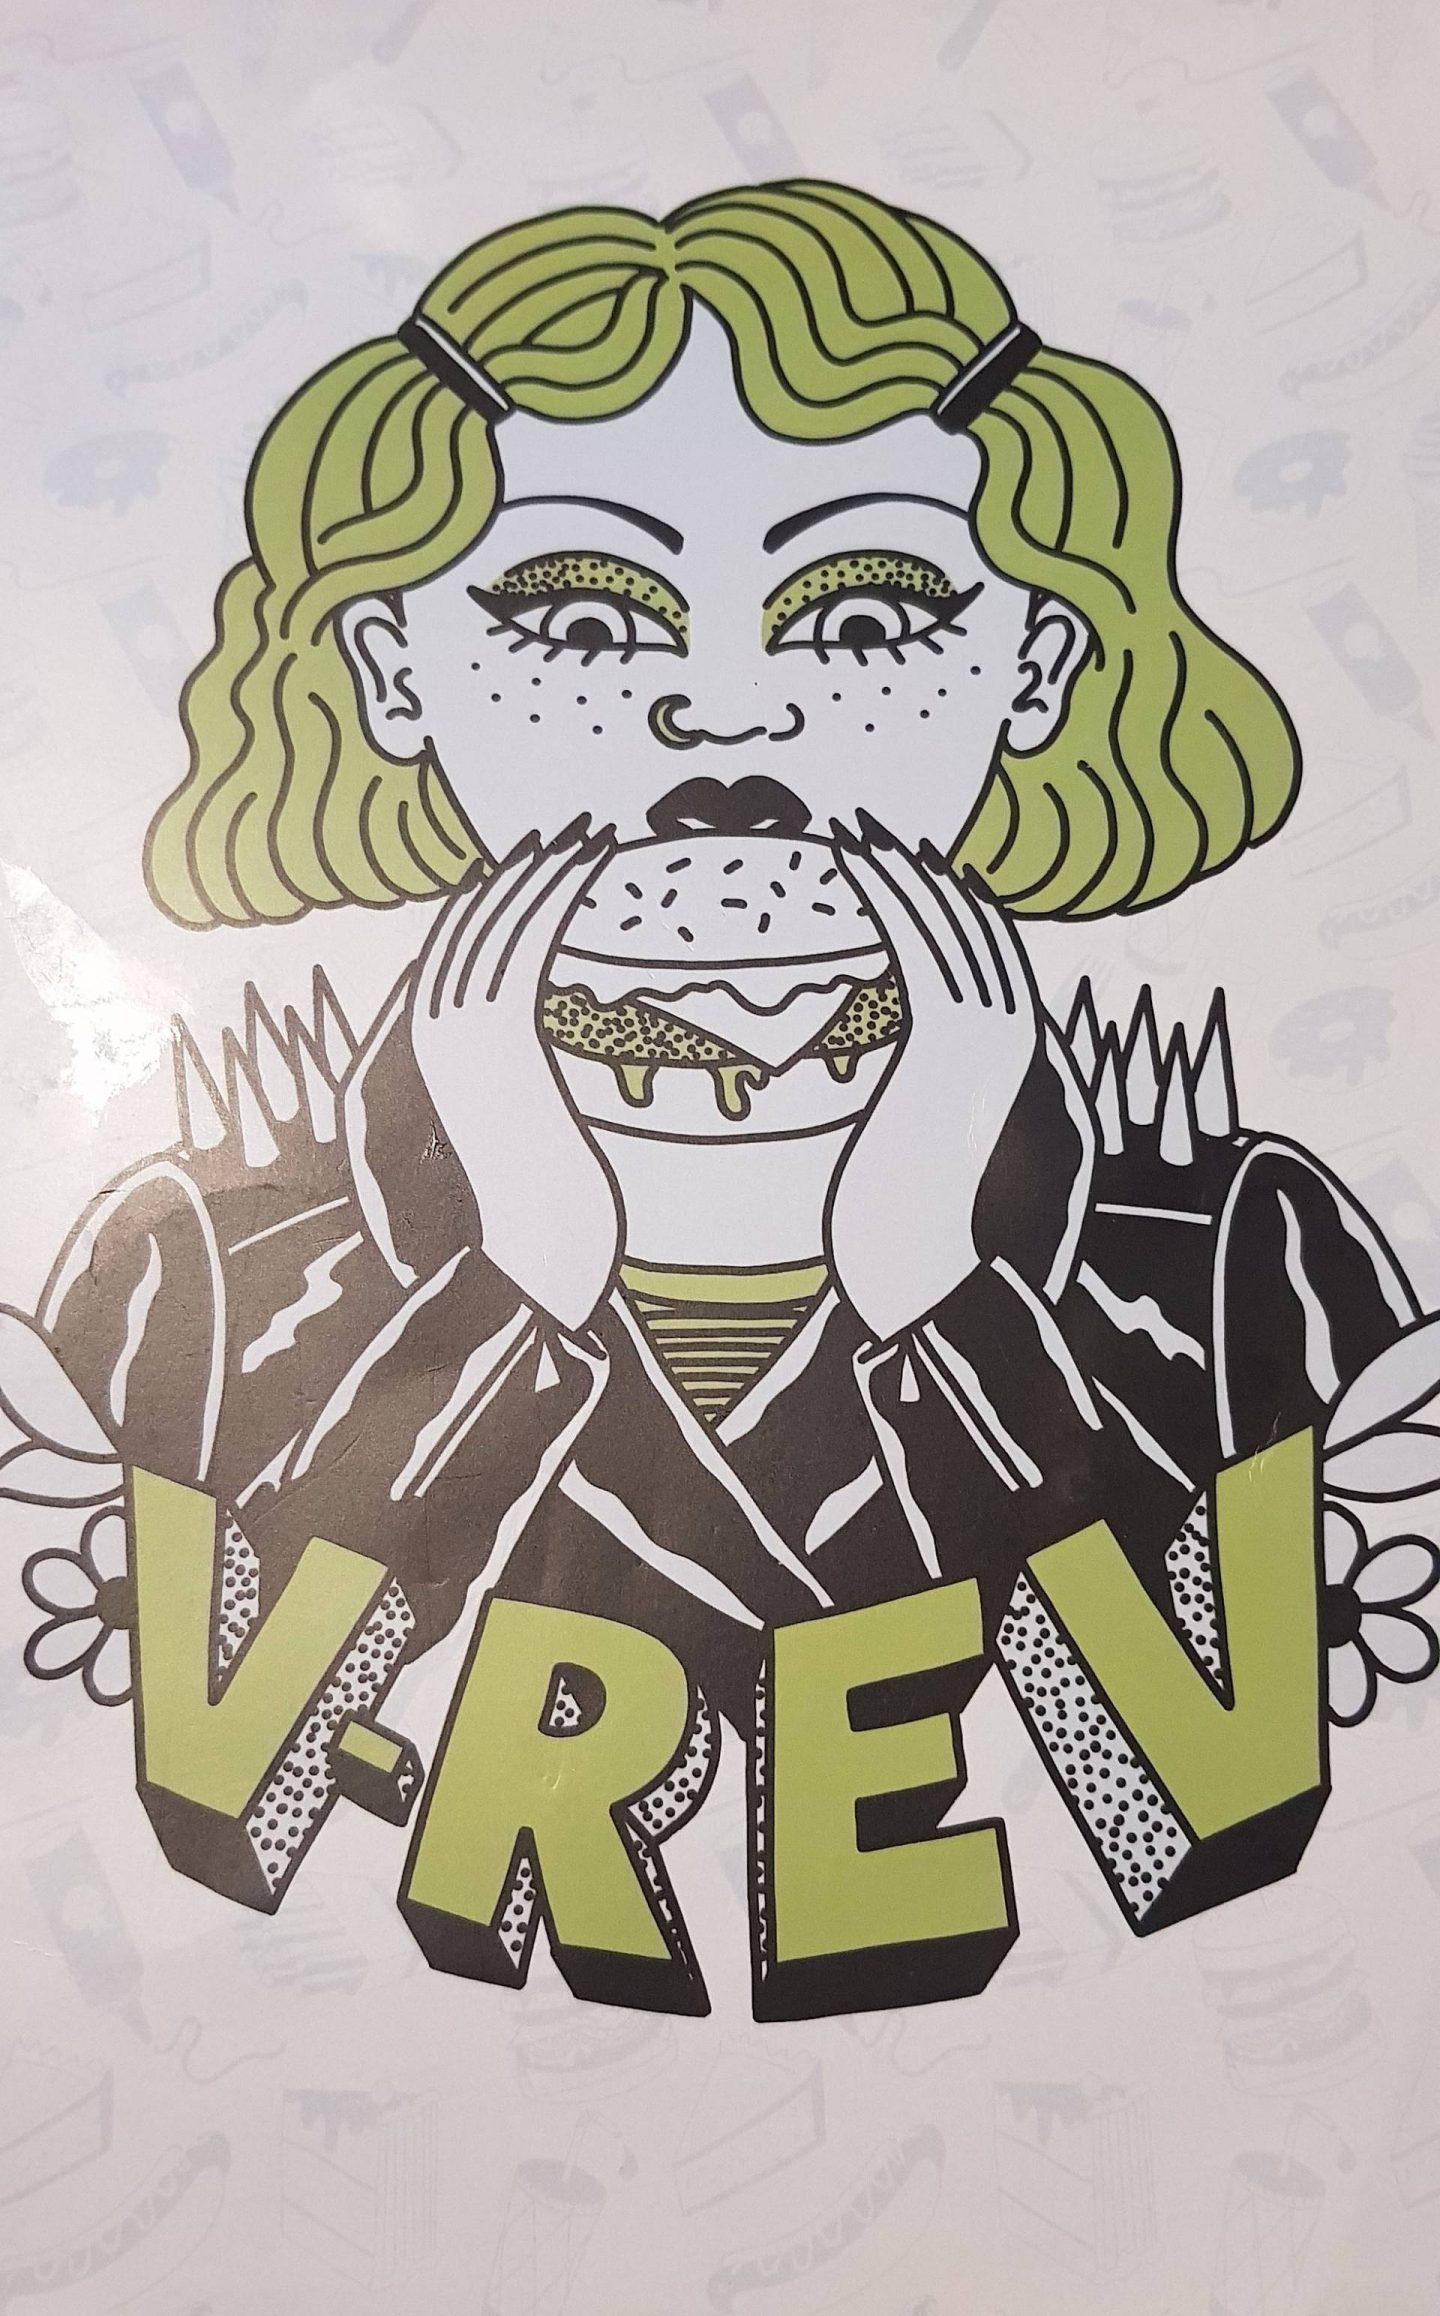 V-Rev vegan diner